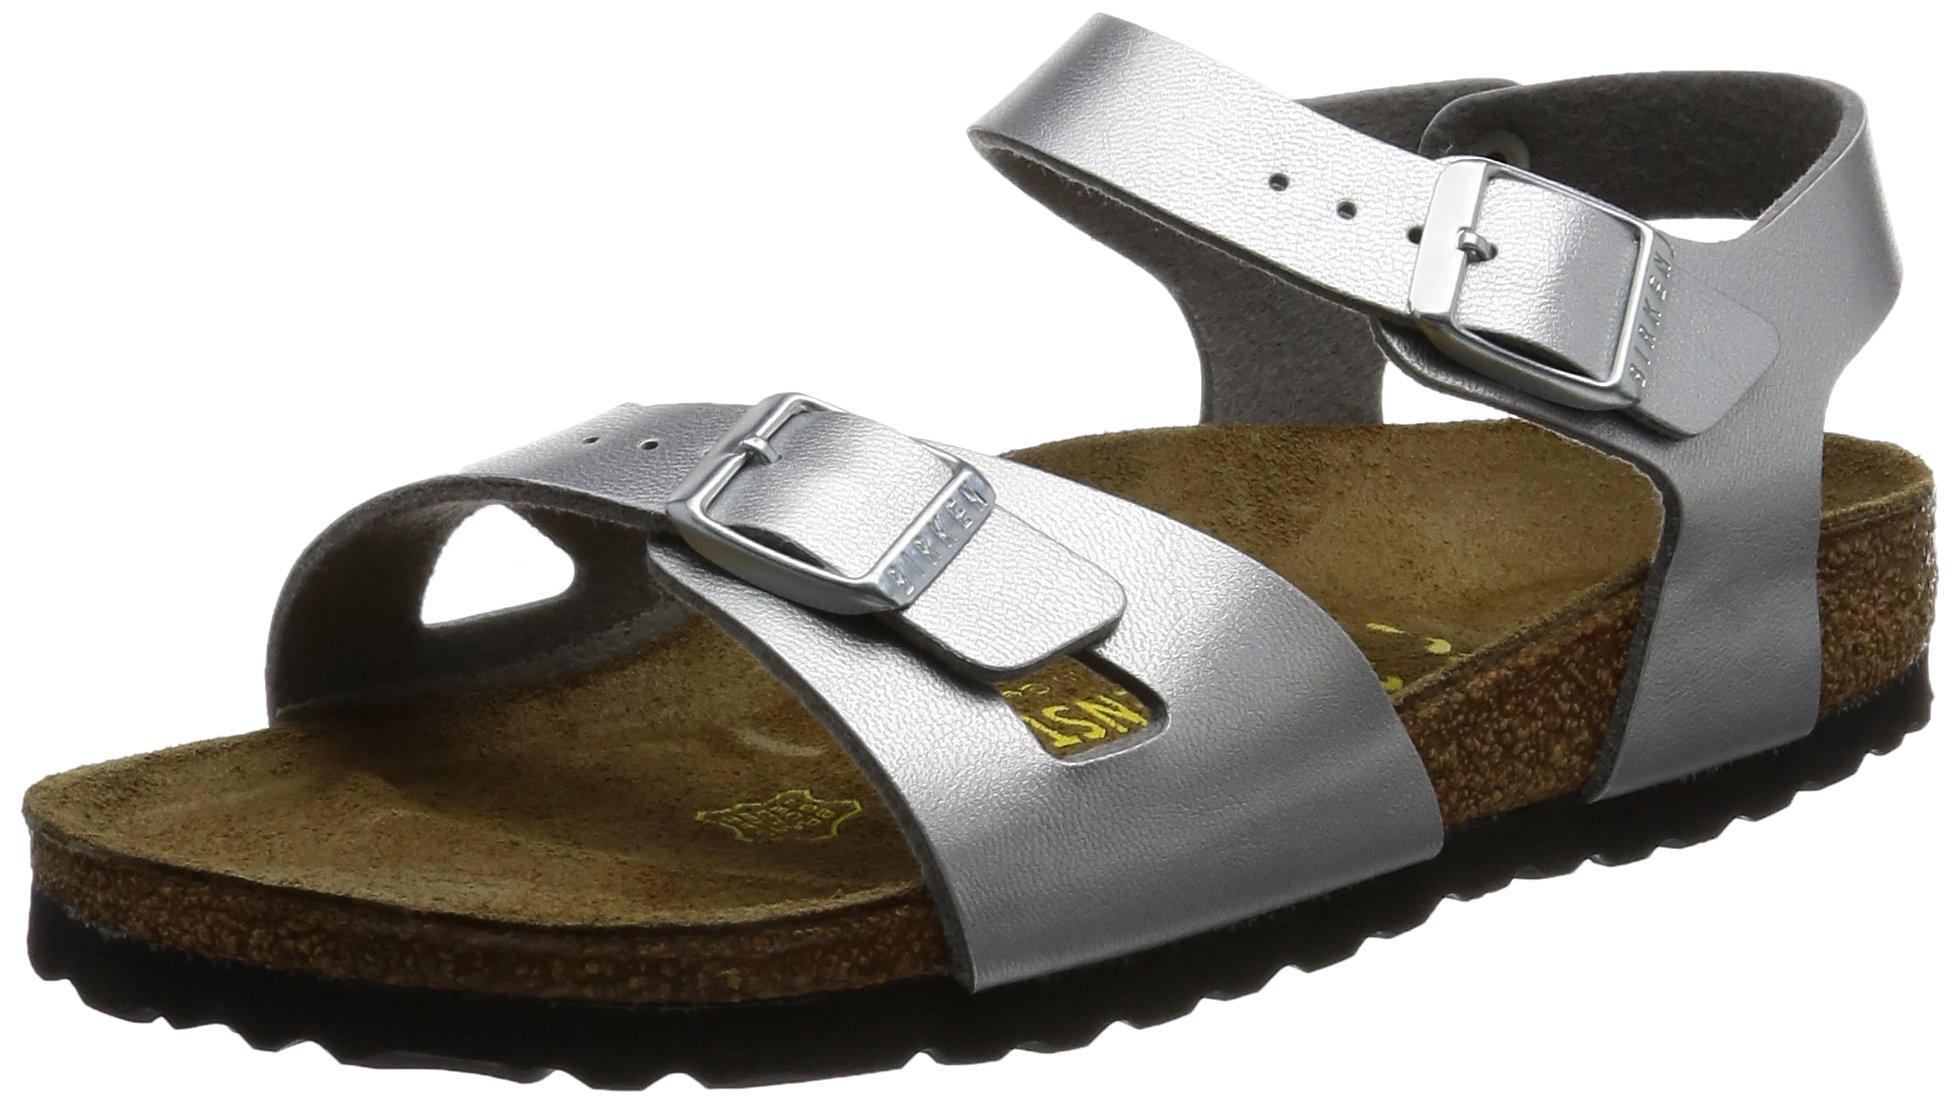 Birkenstock Unisex-Child Rio Kids Silver synthetic Sandals 30.0 N EU N 731483 by Birkenstock